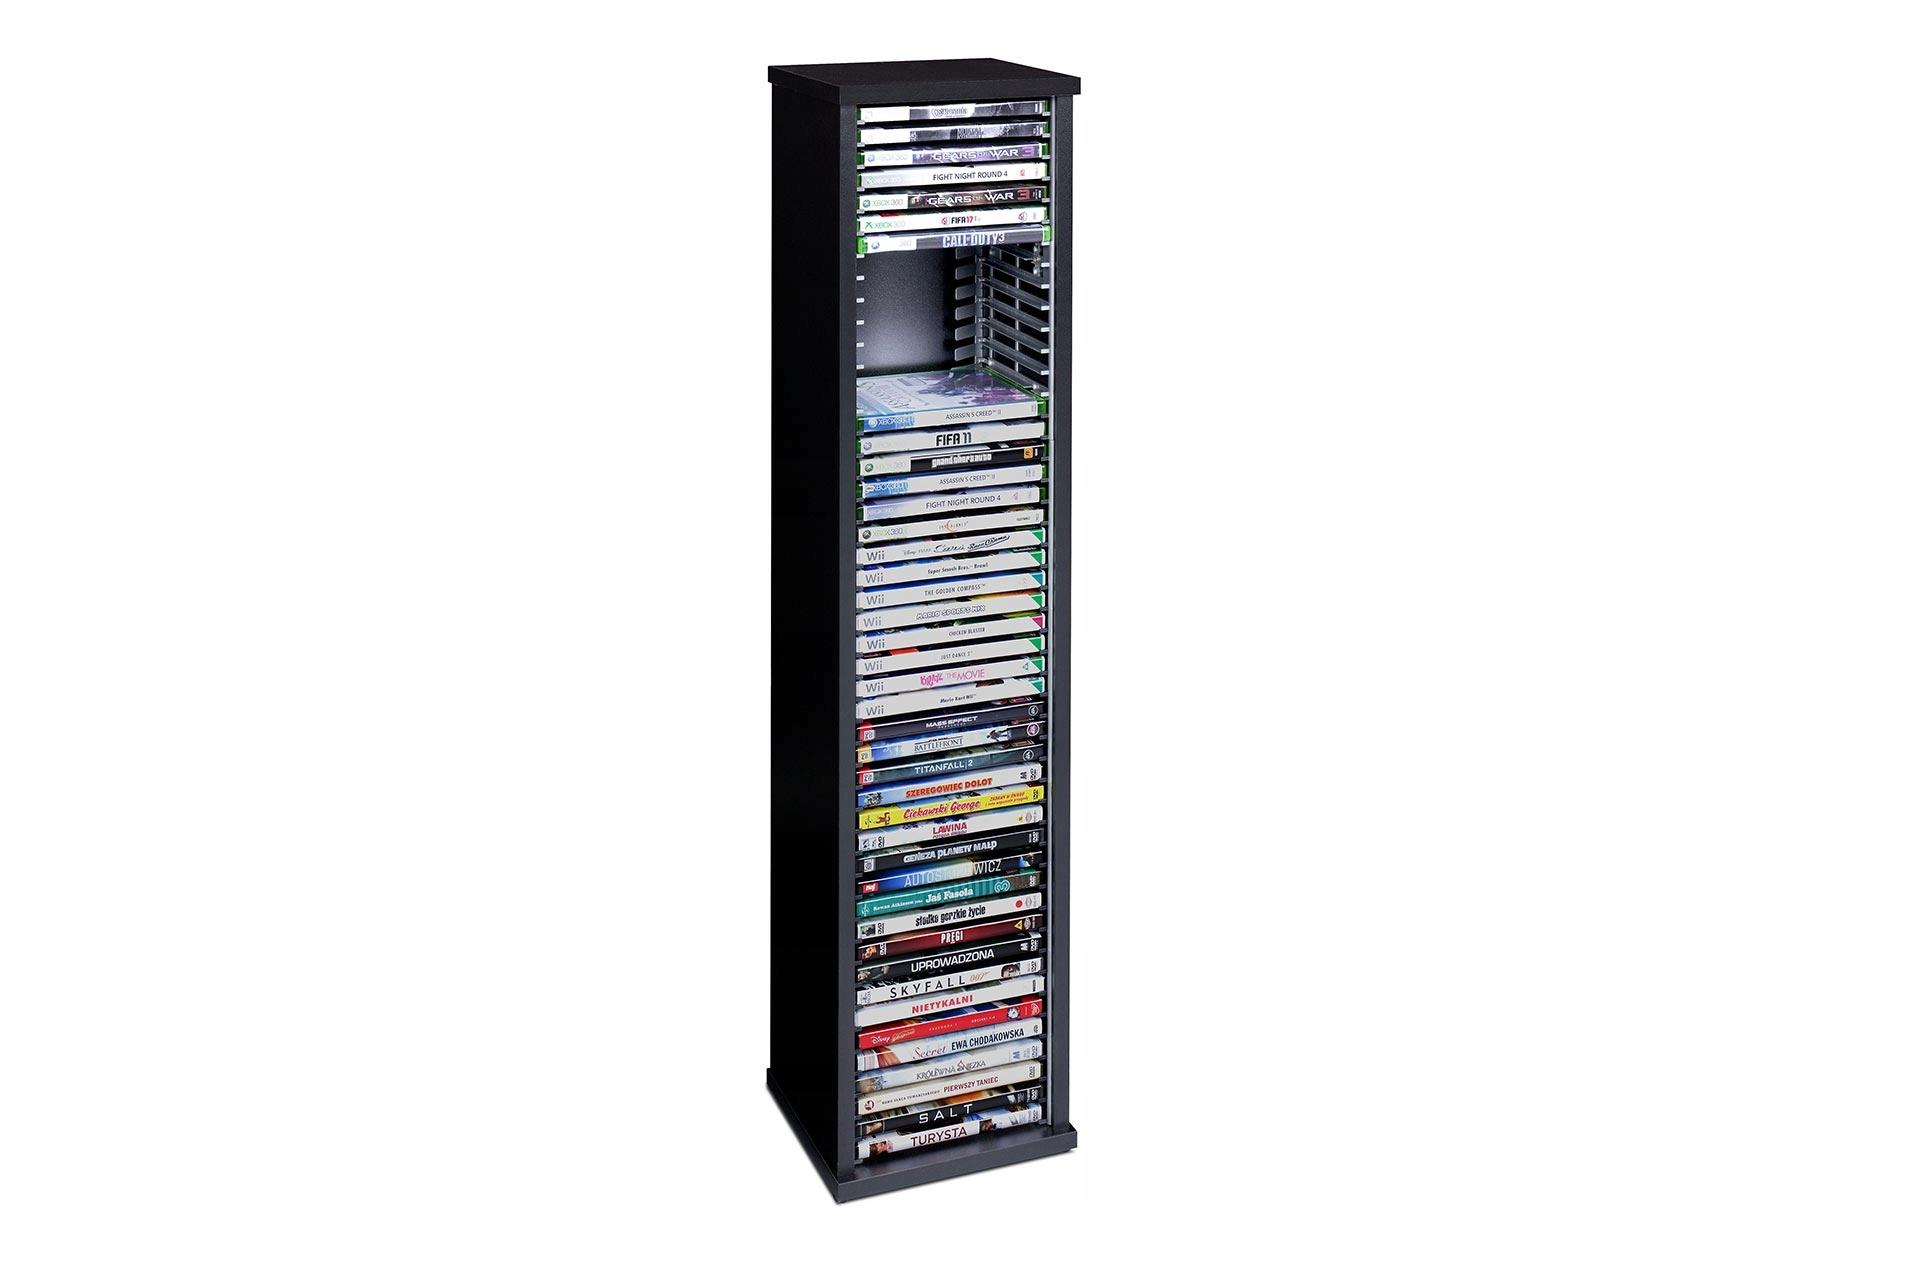 Stojan pre DVD Filmy Xbox 360 Wii PC 45 Disky